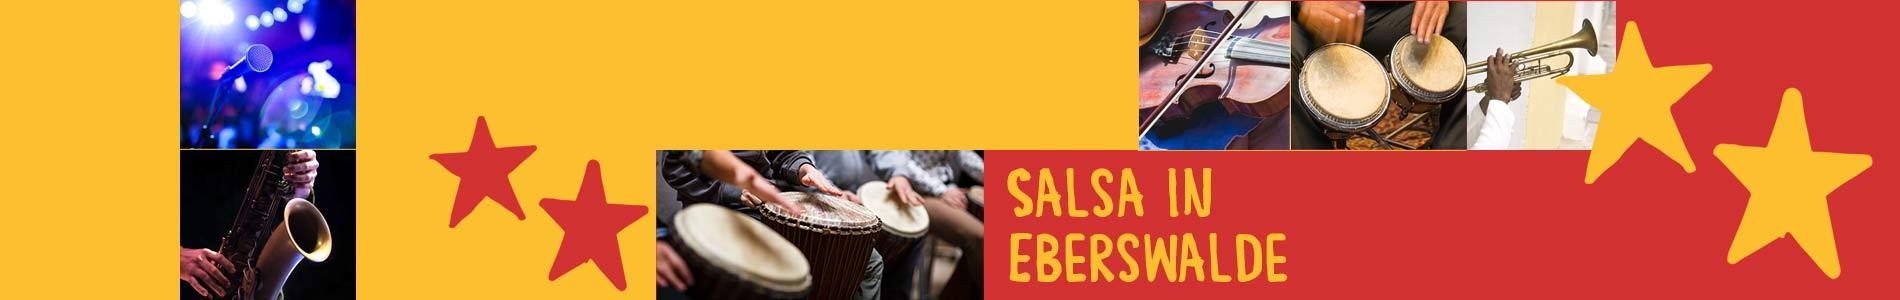 Salsa in Eberswalde – Salsa lernen und tanzen, Tanzkurse, Partys, Veranstaltungen